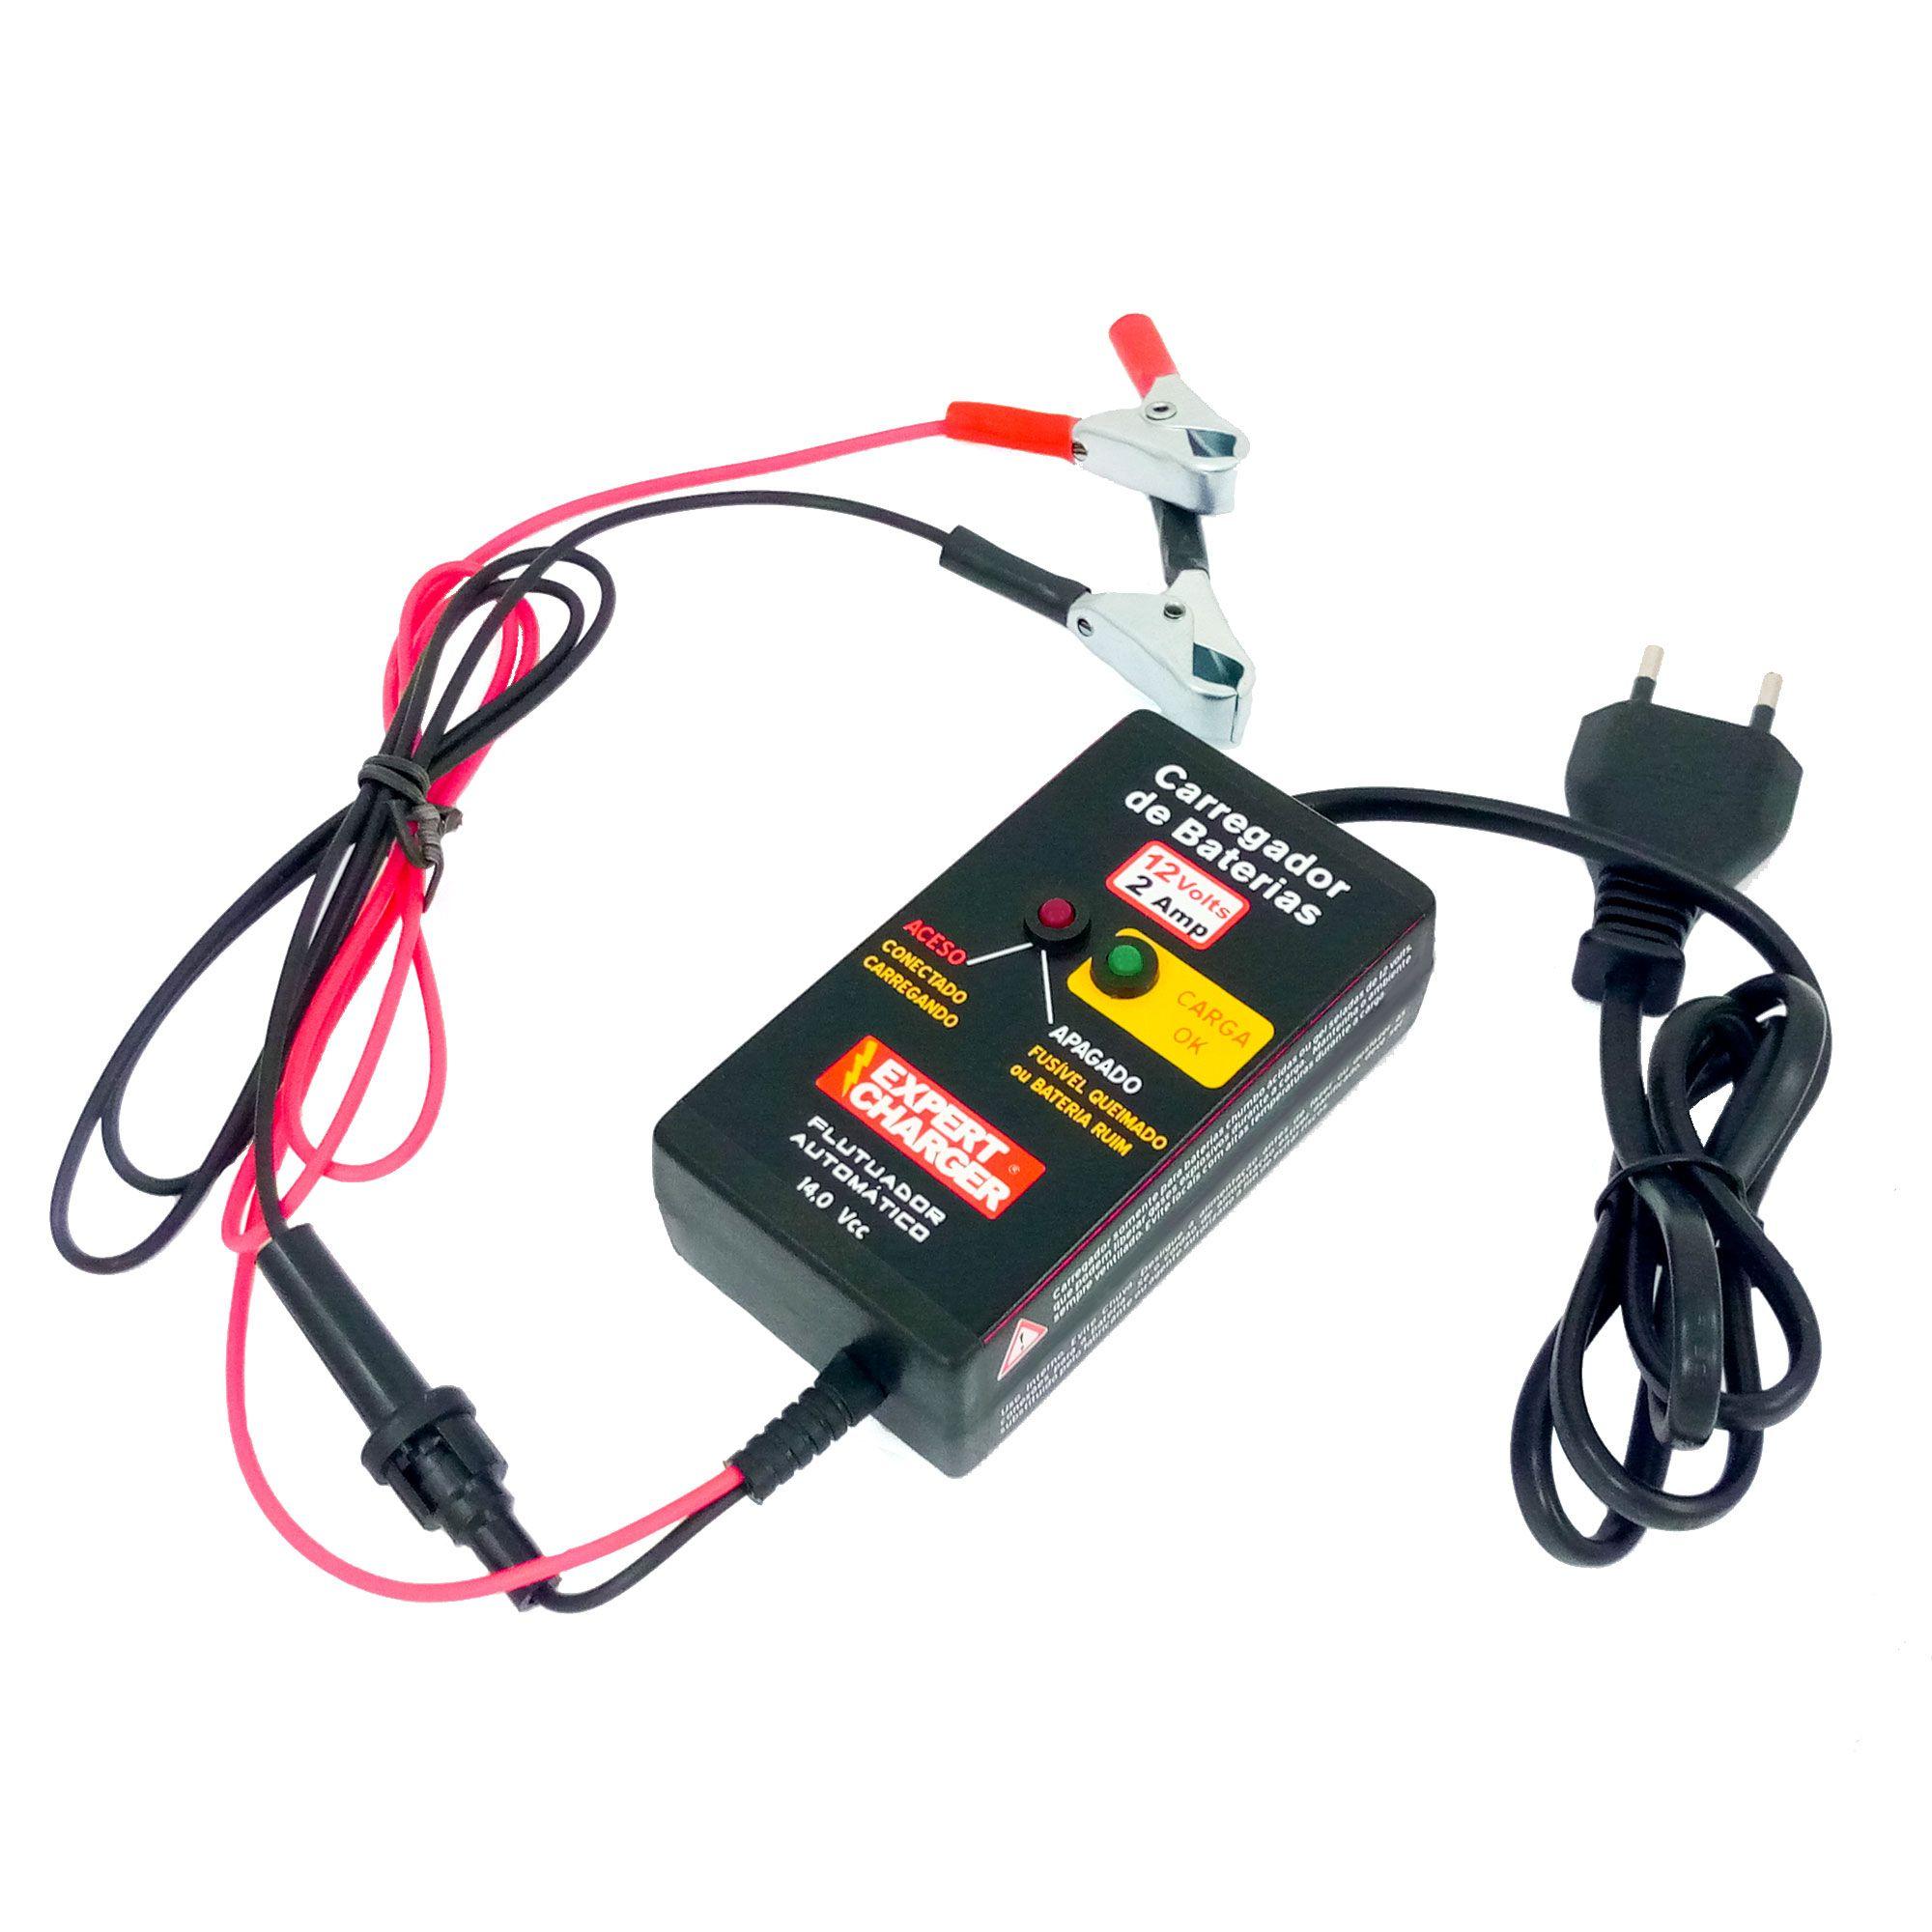 Carregador Portatil Bateria Inteligente 12 Volts Para Motos  - Fabrica De Carregador